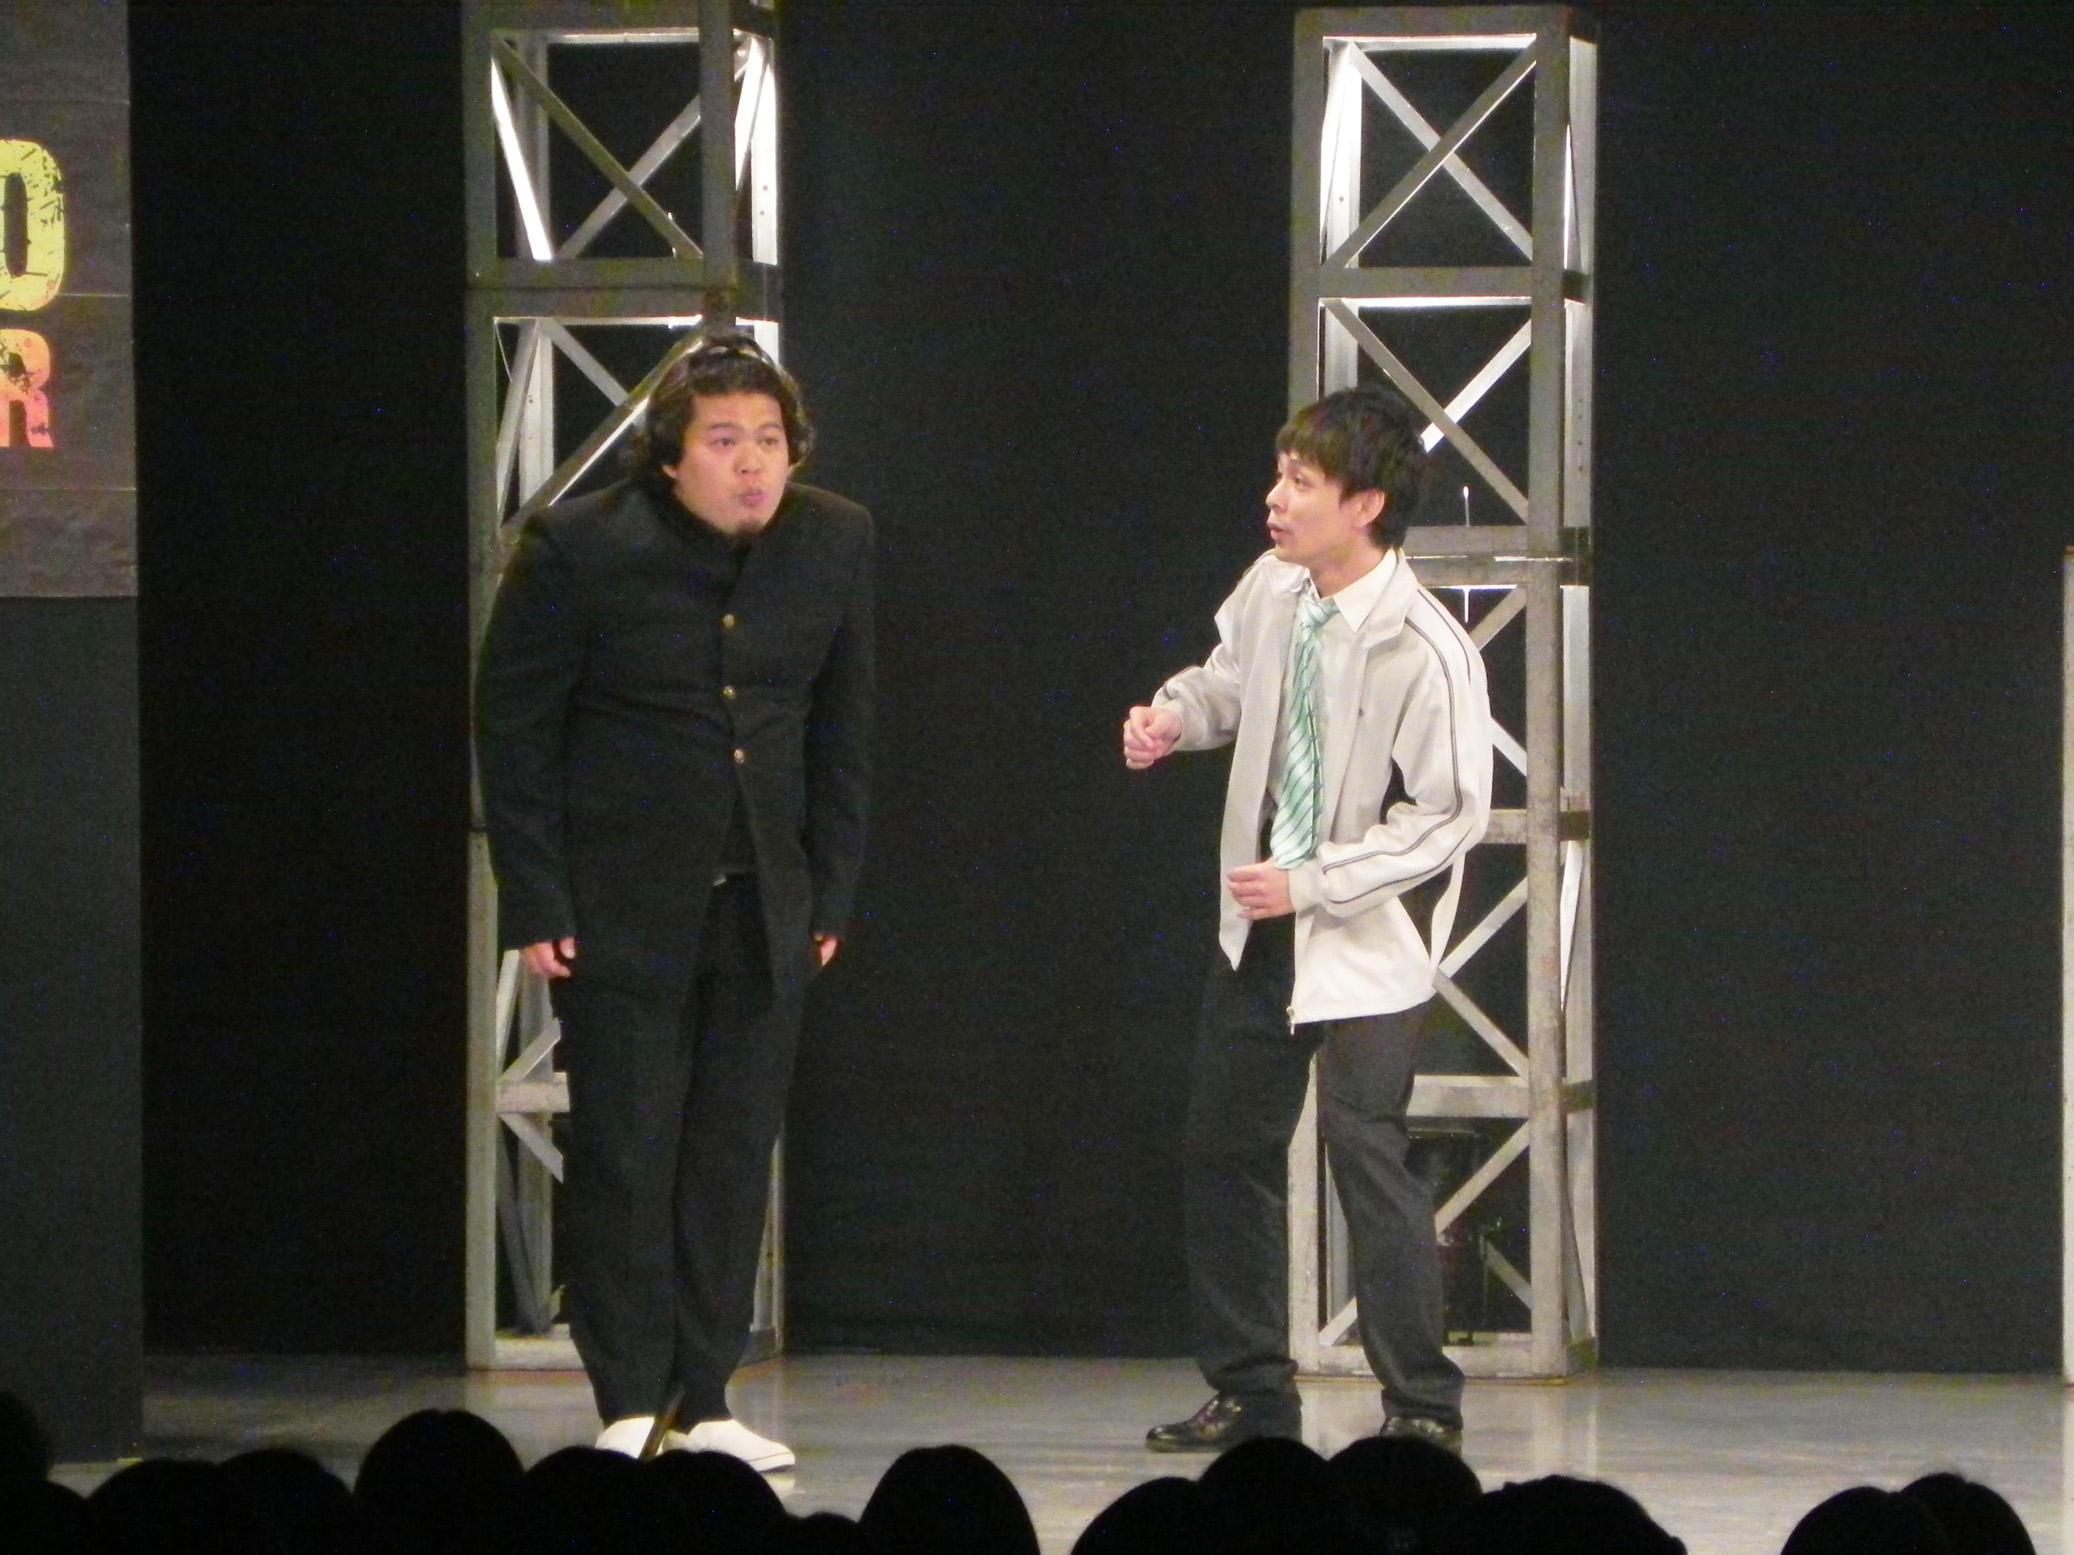 http://news.yoshimoto.co.jp/20170507154529-1ee5a979acf2d91b6ab76996cbd5cac8242e6720.jpg